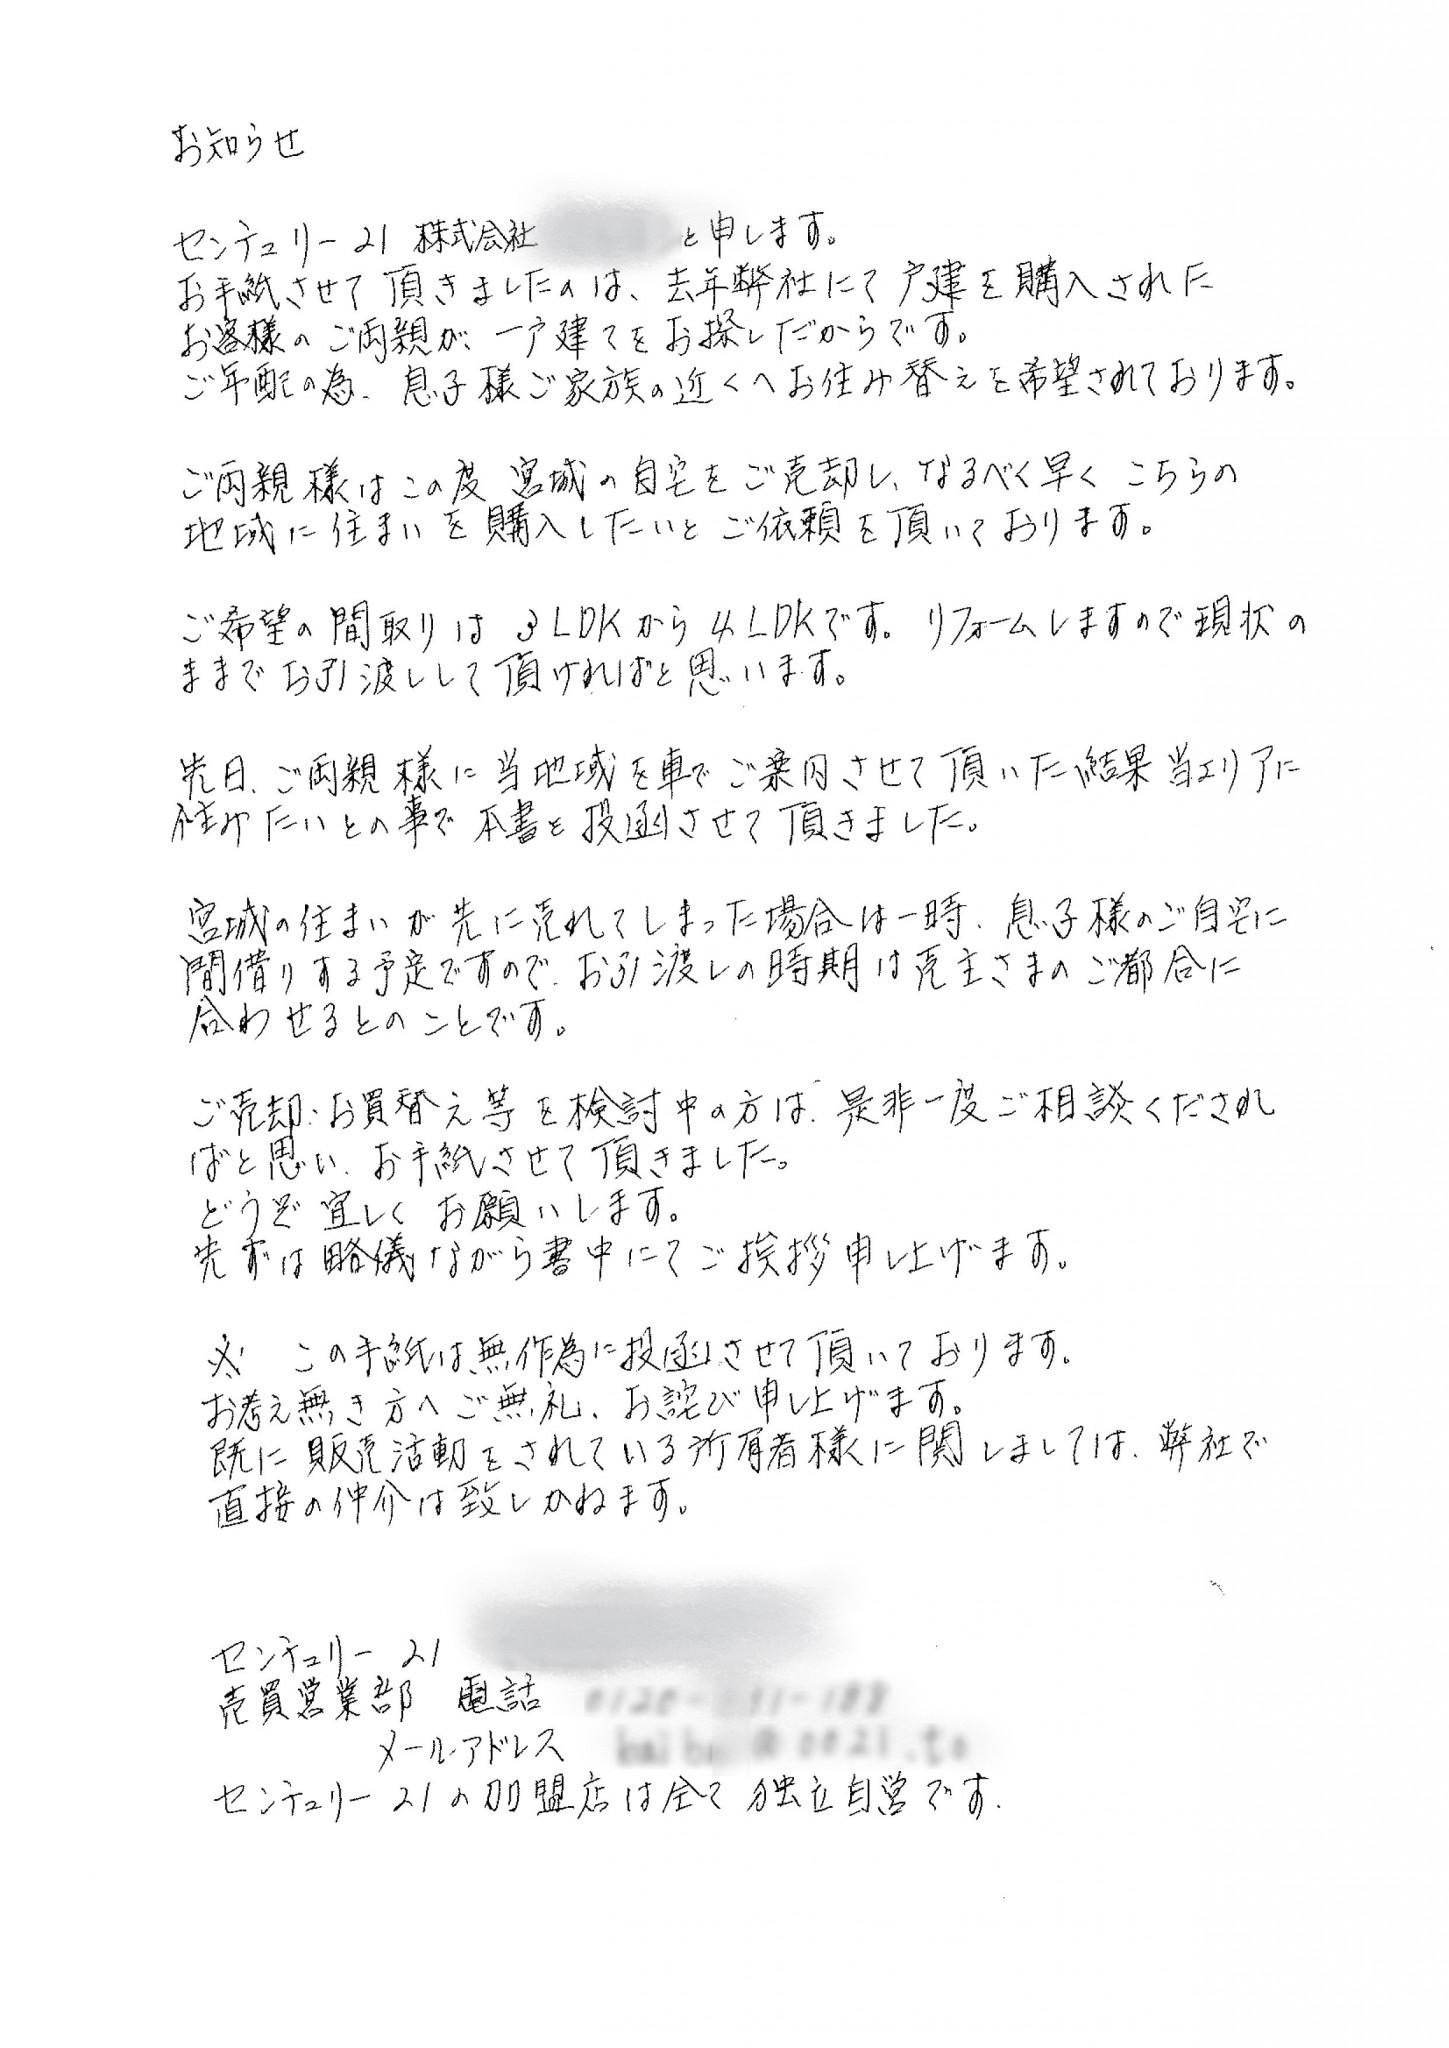 ポスティンク 書面_LI